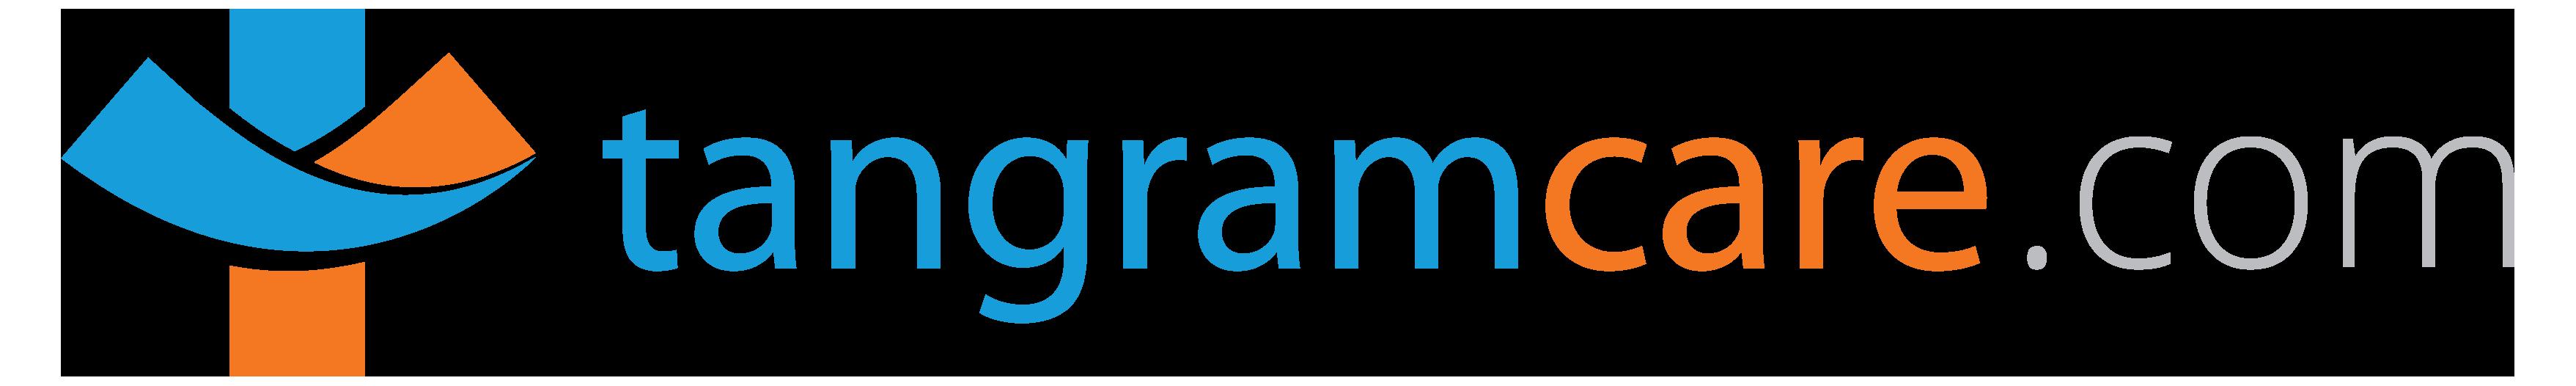 tangramcare_logo